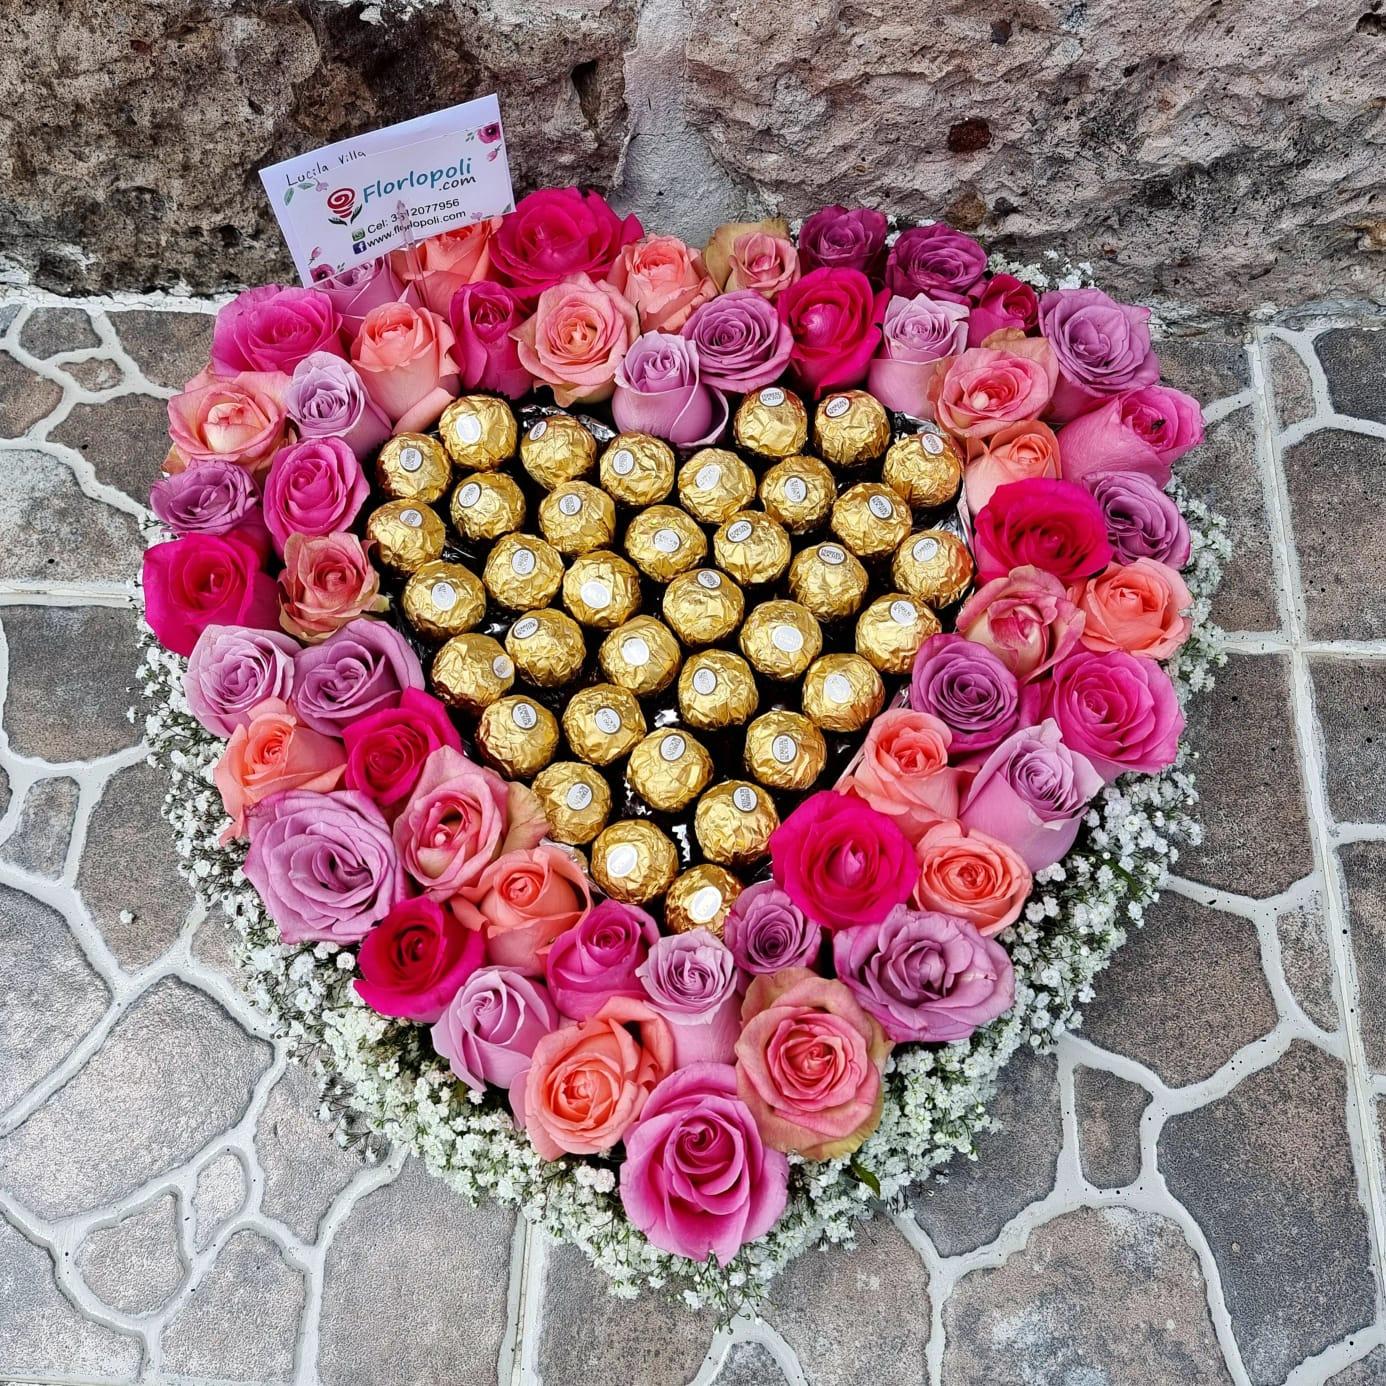 corazon de rosas rosas y ferreros